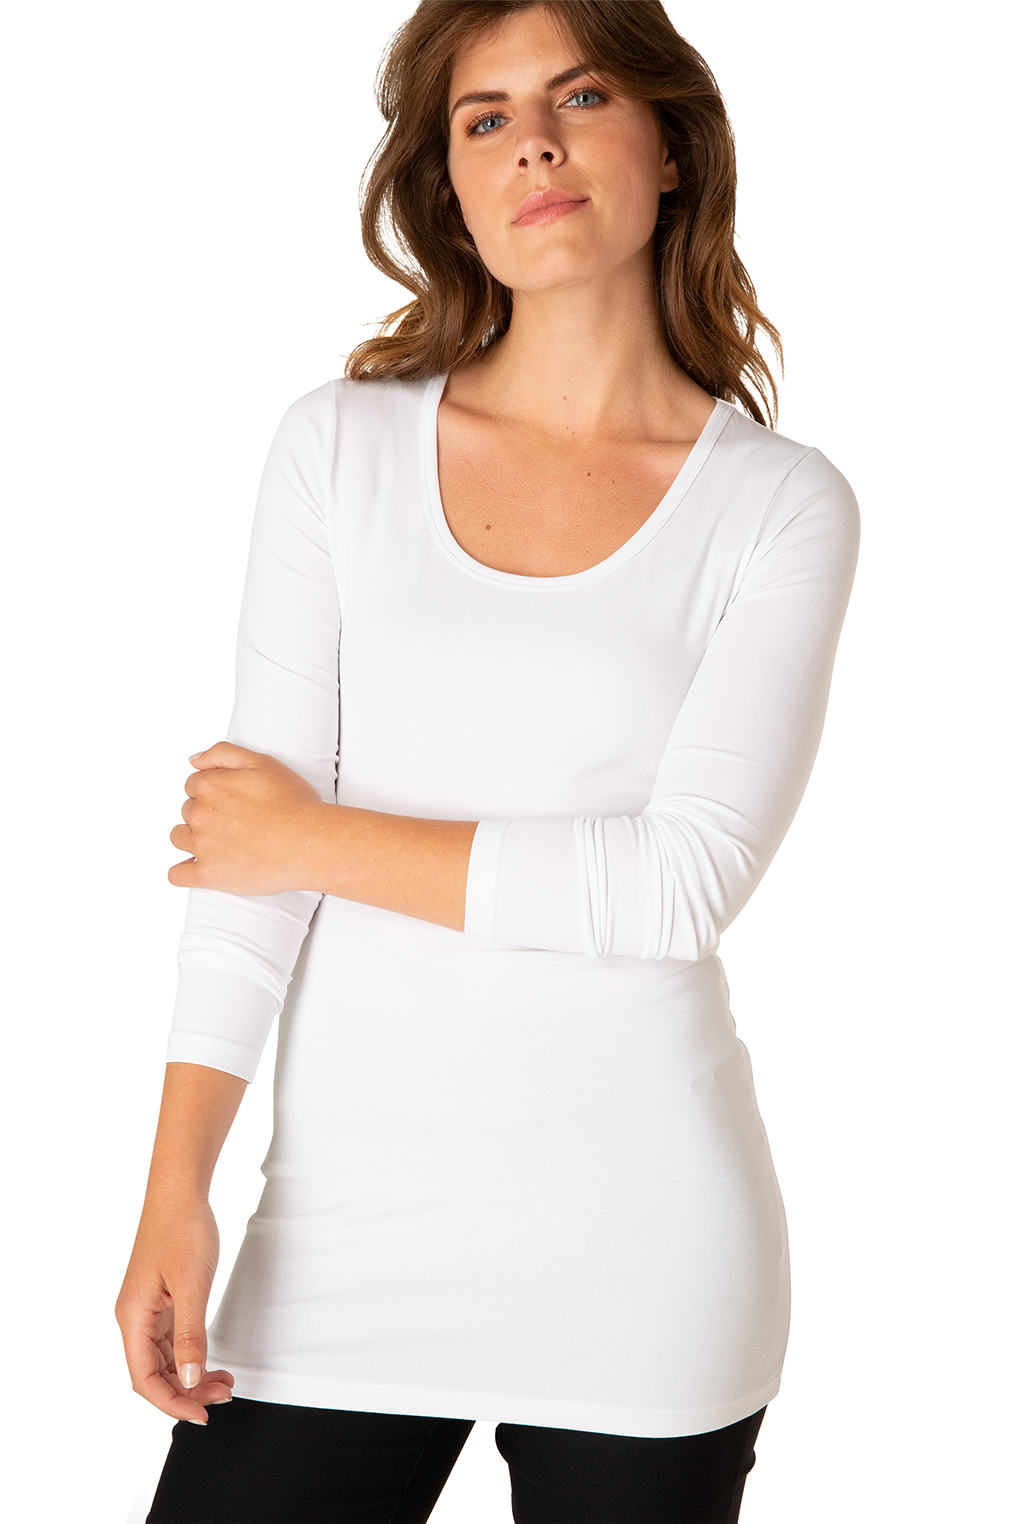 Shirt Yalena Yest Basic